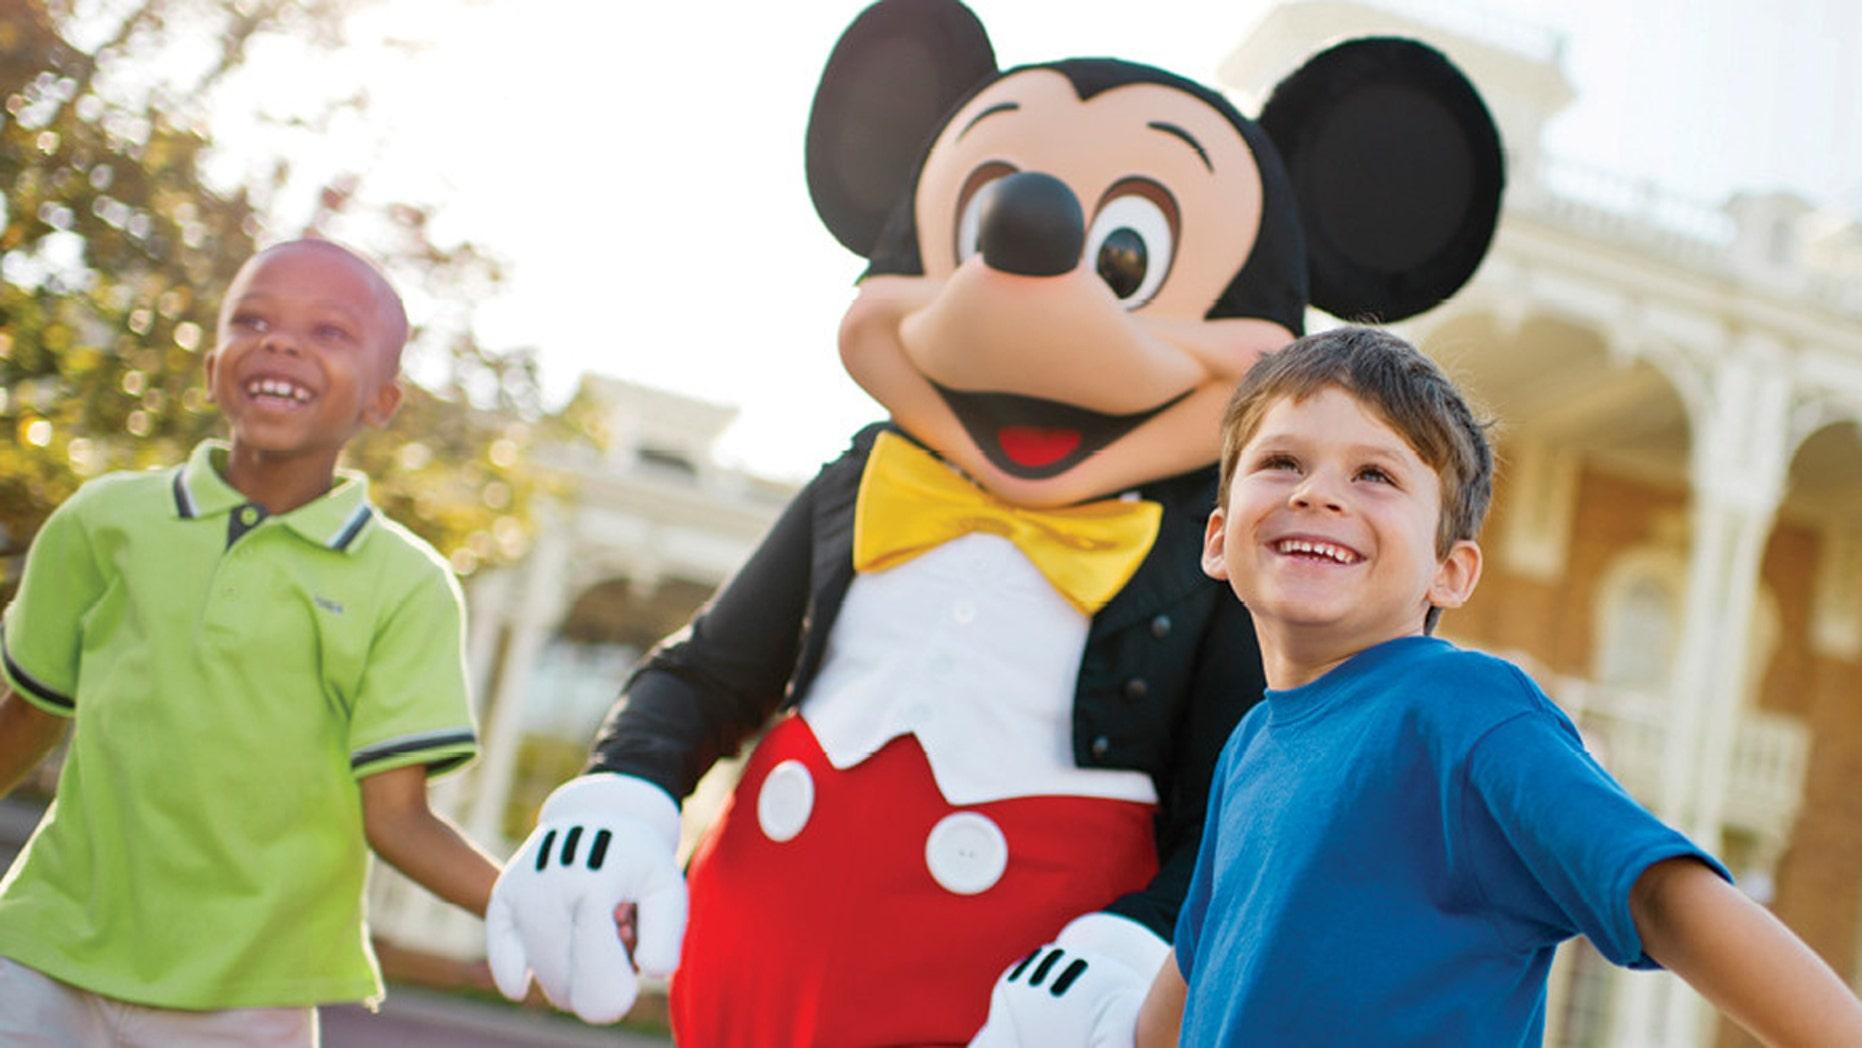 Invite Mickey to a backyard barbecue.